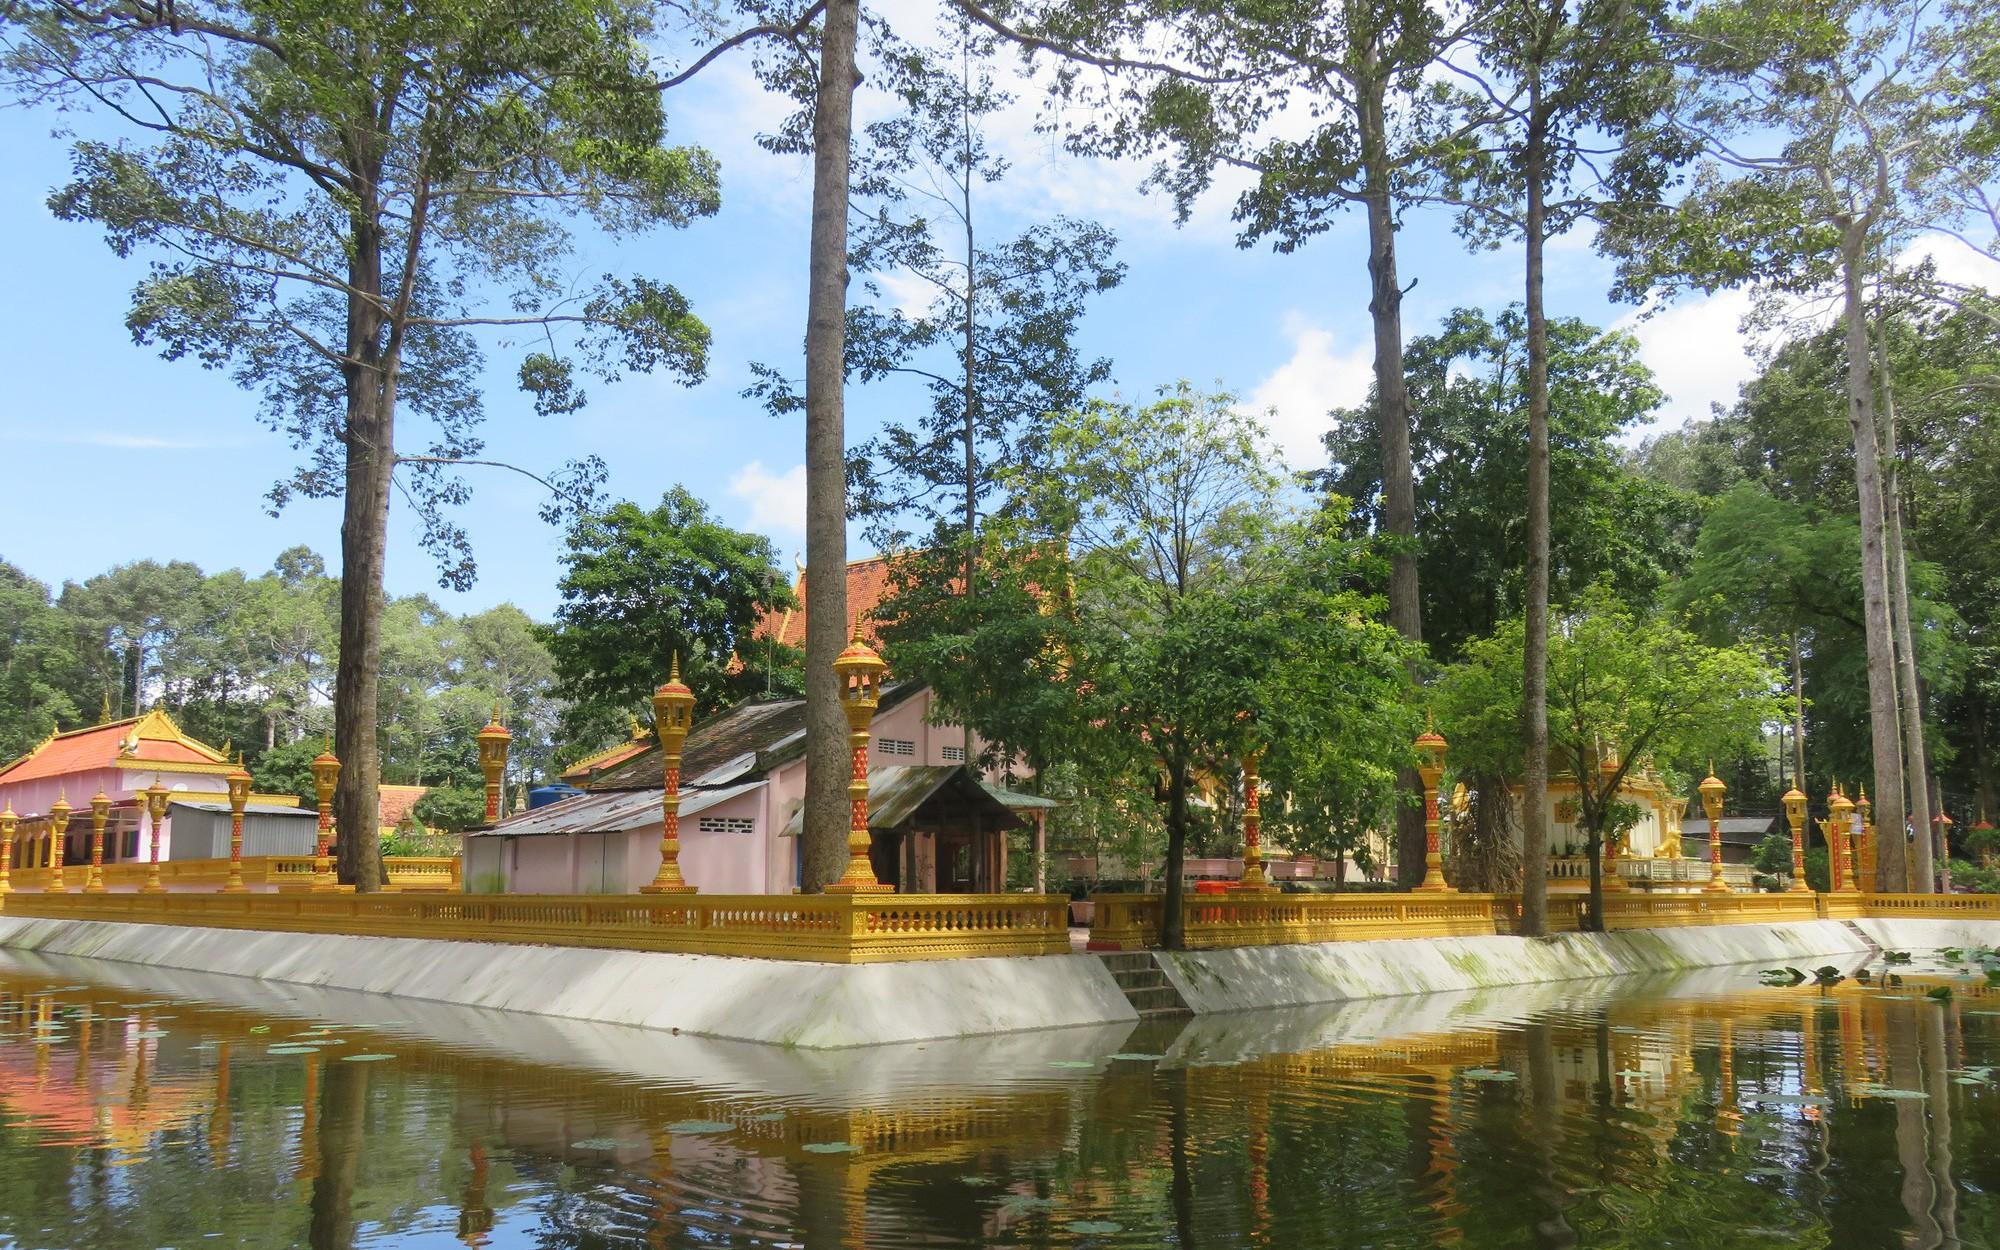 Xây dựng Làng Văn hóa - Du lịch Khmer tỉnh Trà Vinh trở thành điểm đến văn hóa, du lịch cấp quốc gia